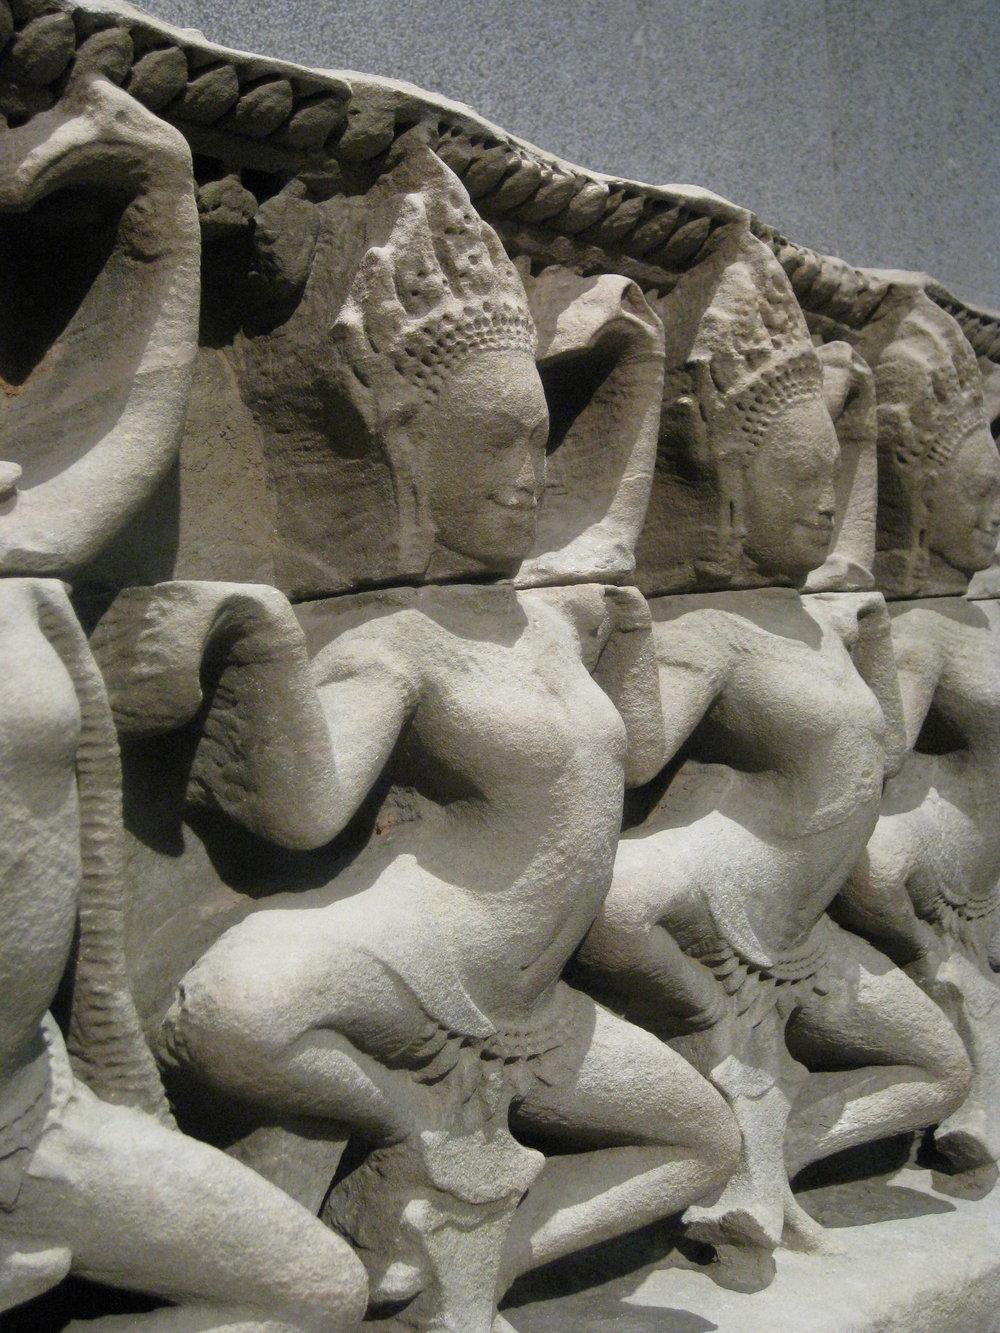 Apsaras, Ankor Thom, Cambodia, 16th C.? Guimet